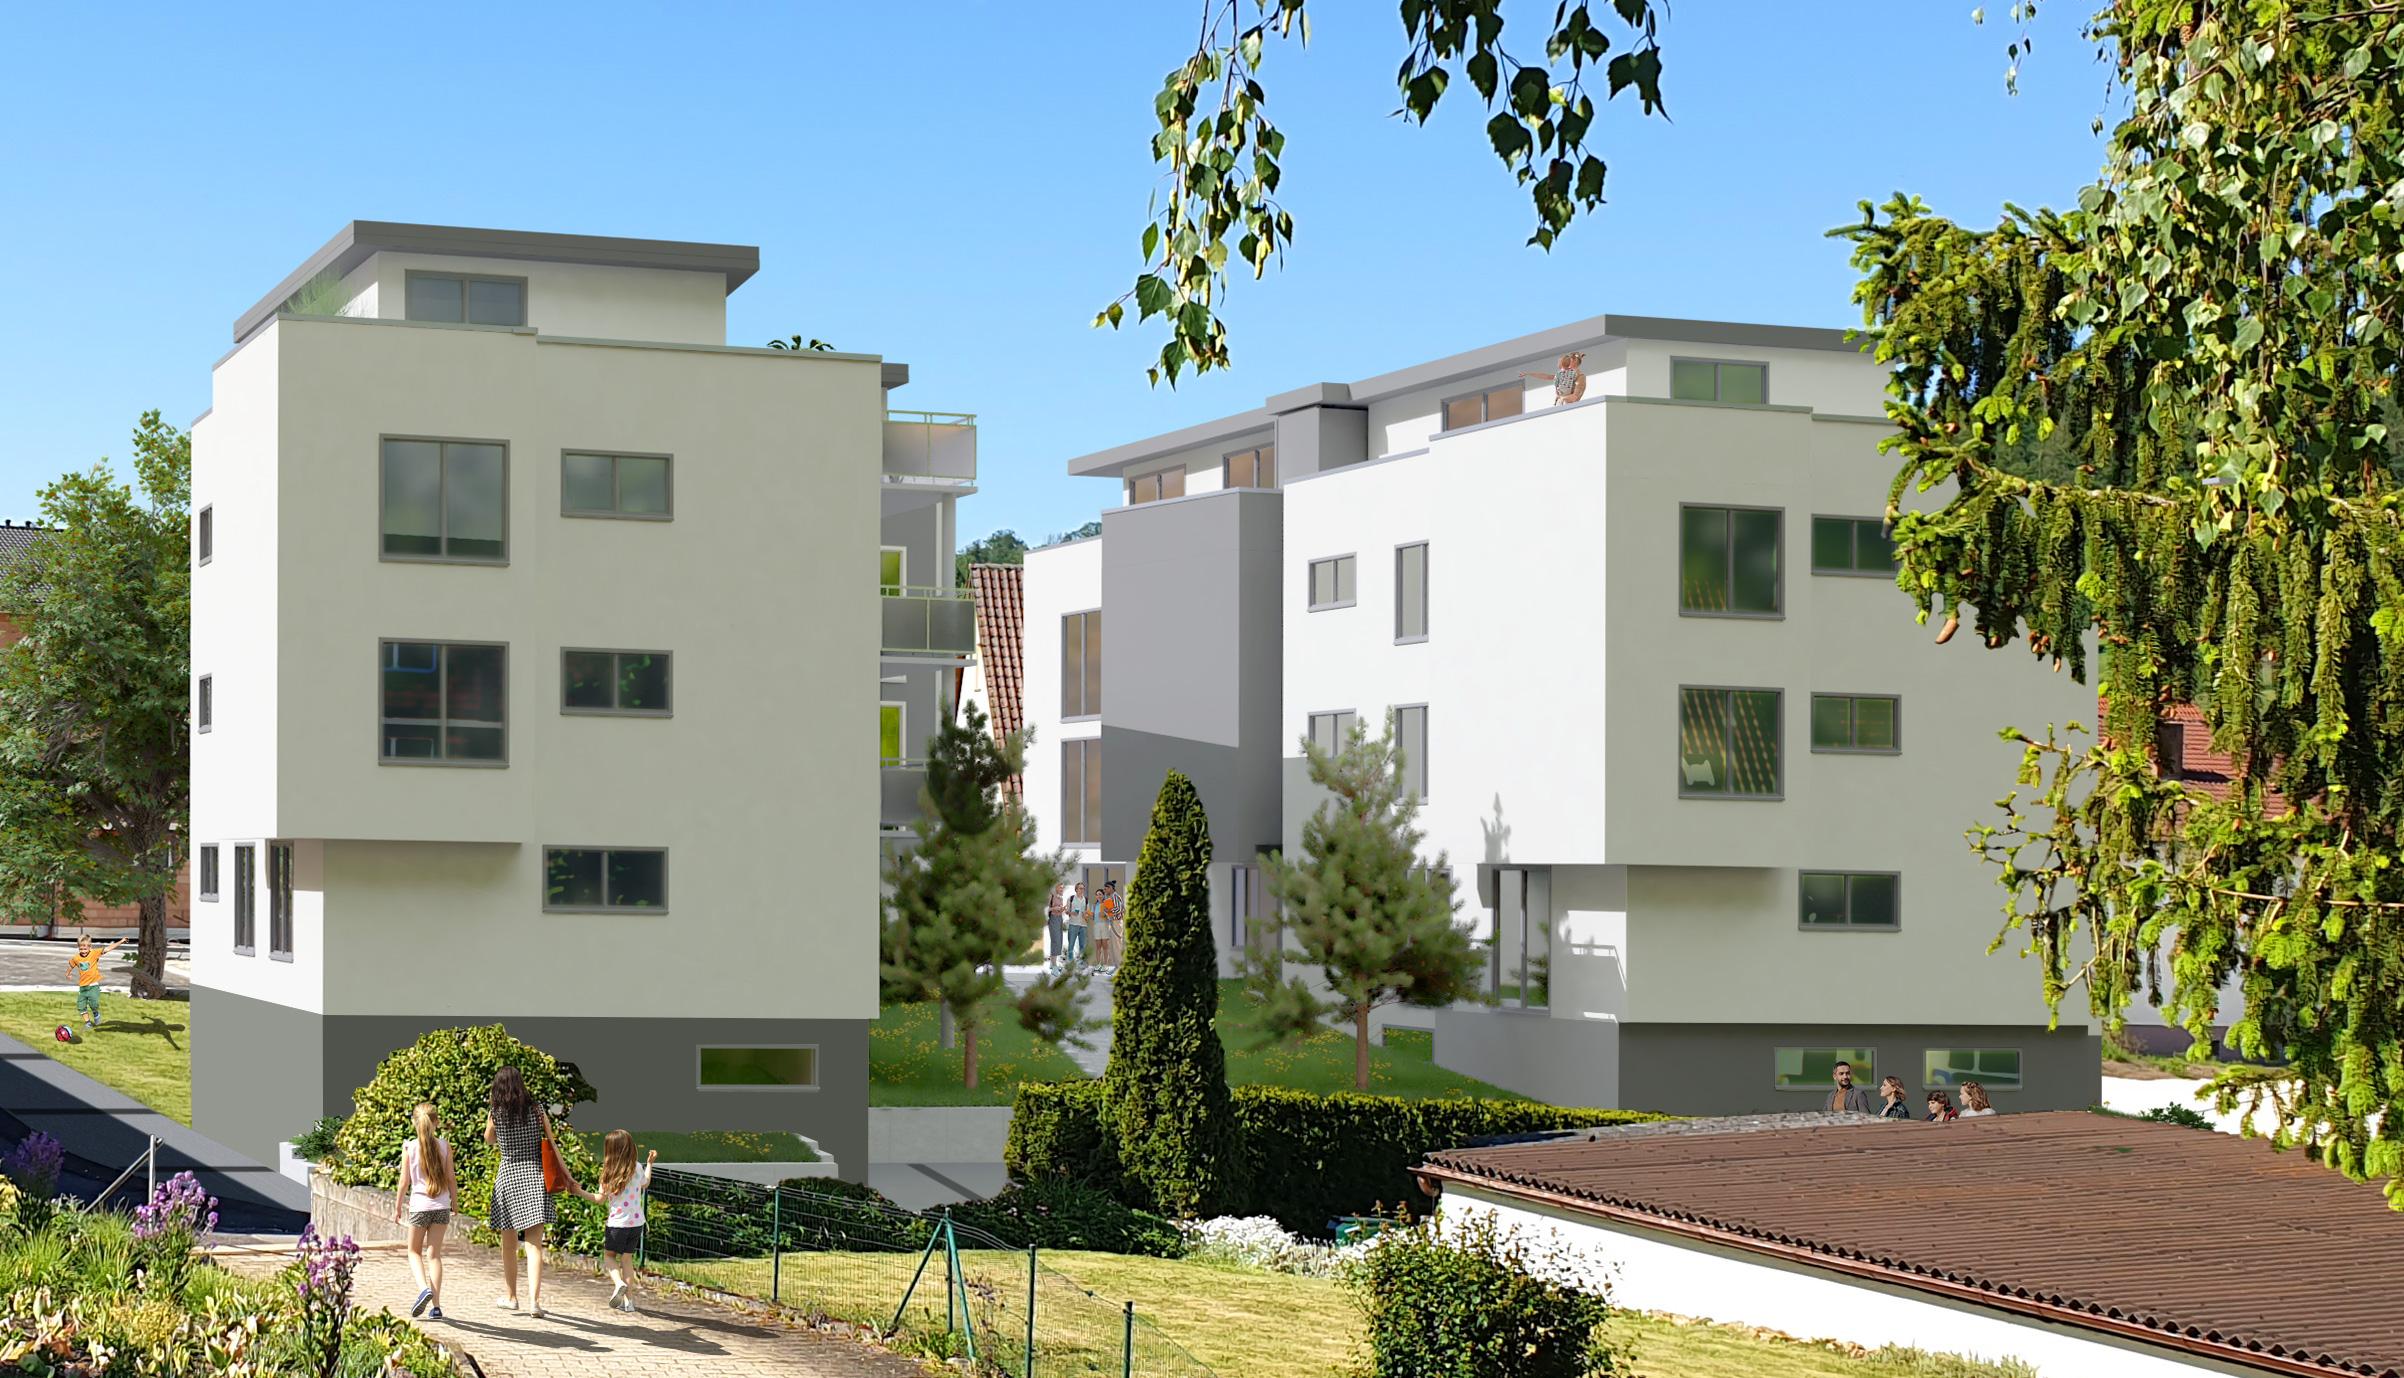 Neubau: Außergewöhnliche Eigentumswohnungen in Essingen